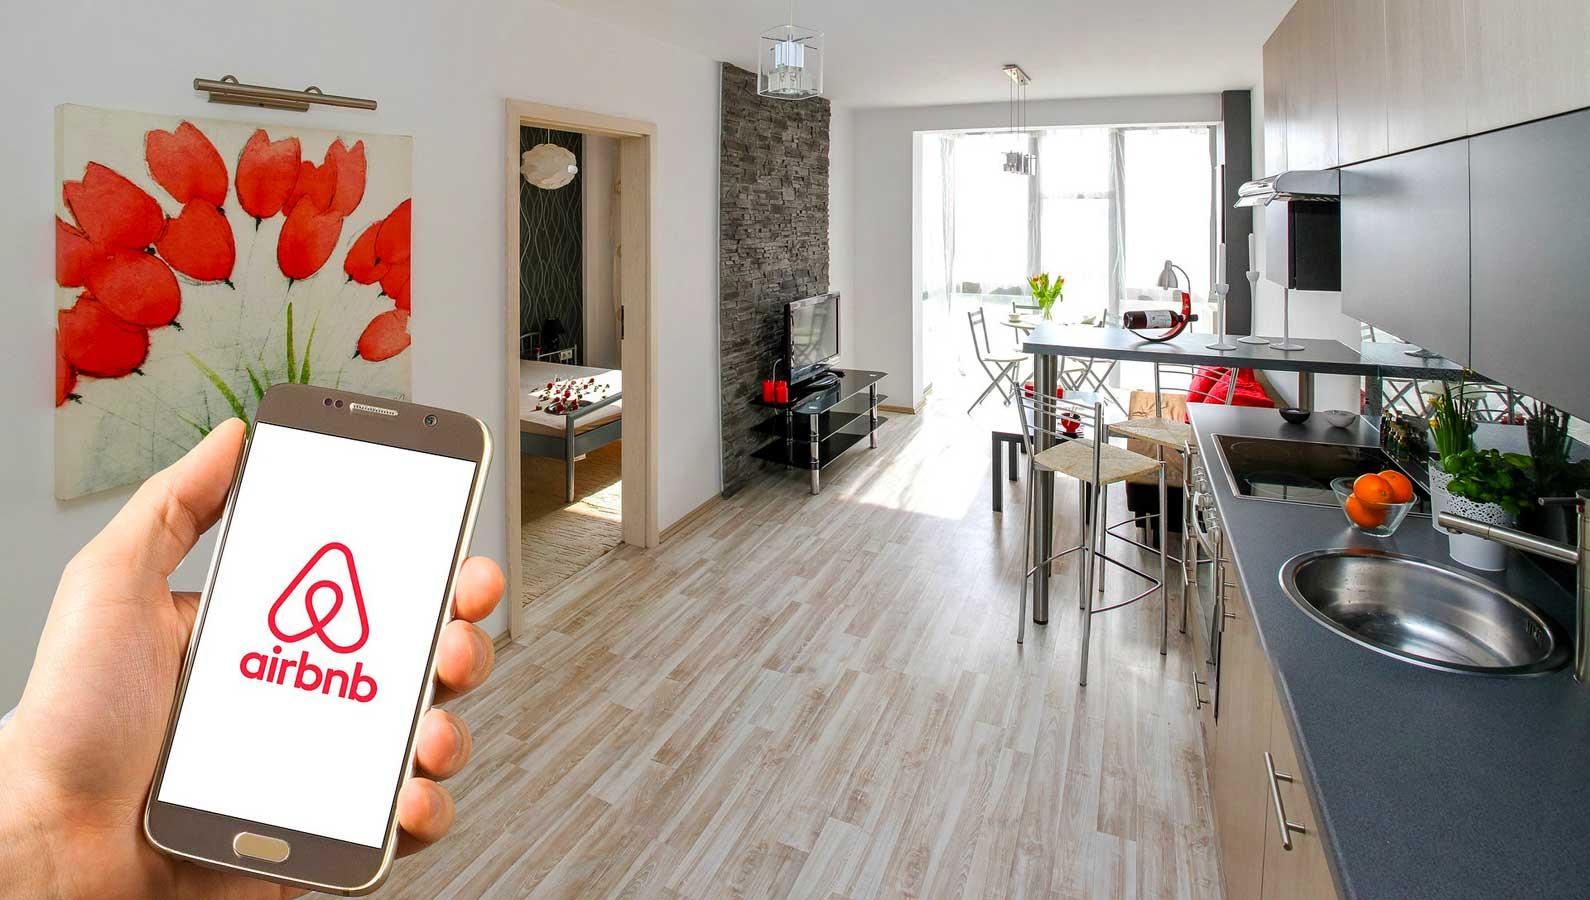 Mô hình kinh doanh Airbnb